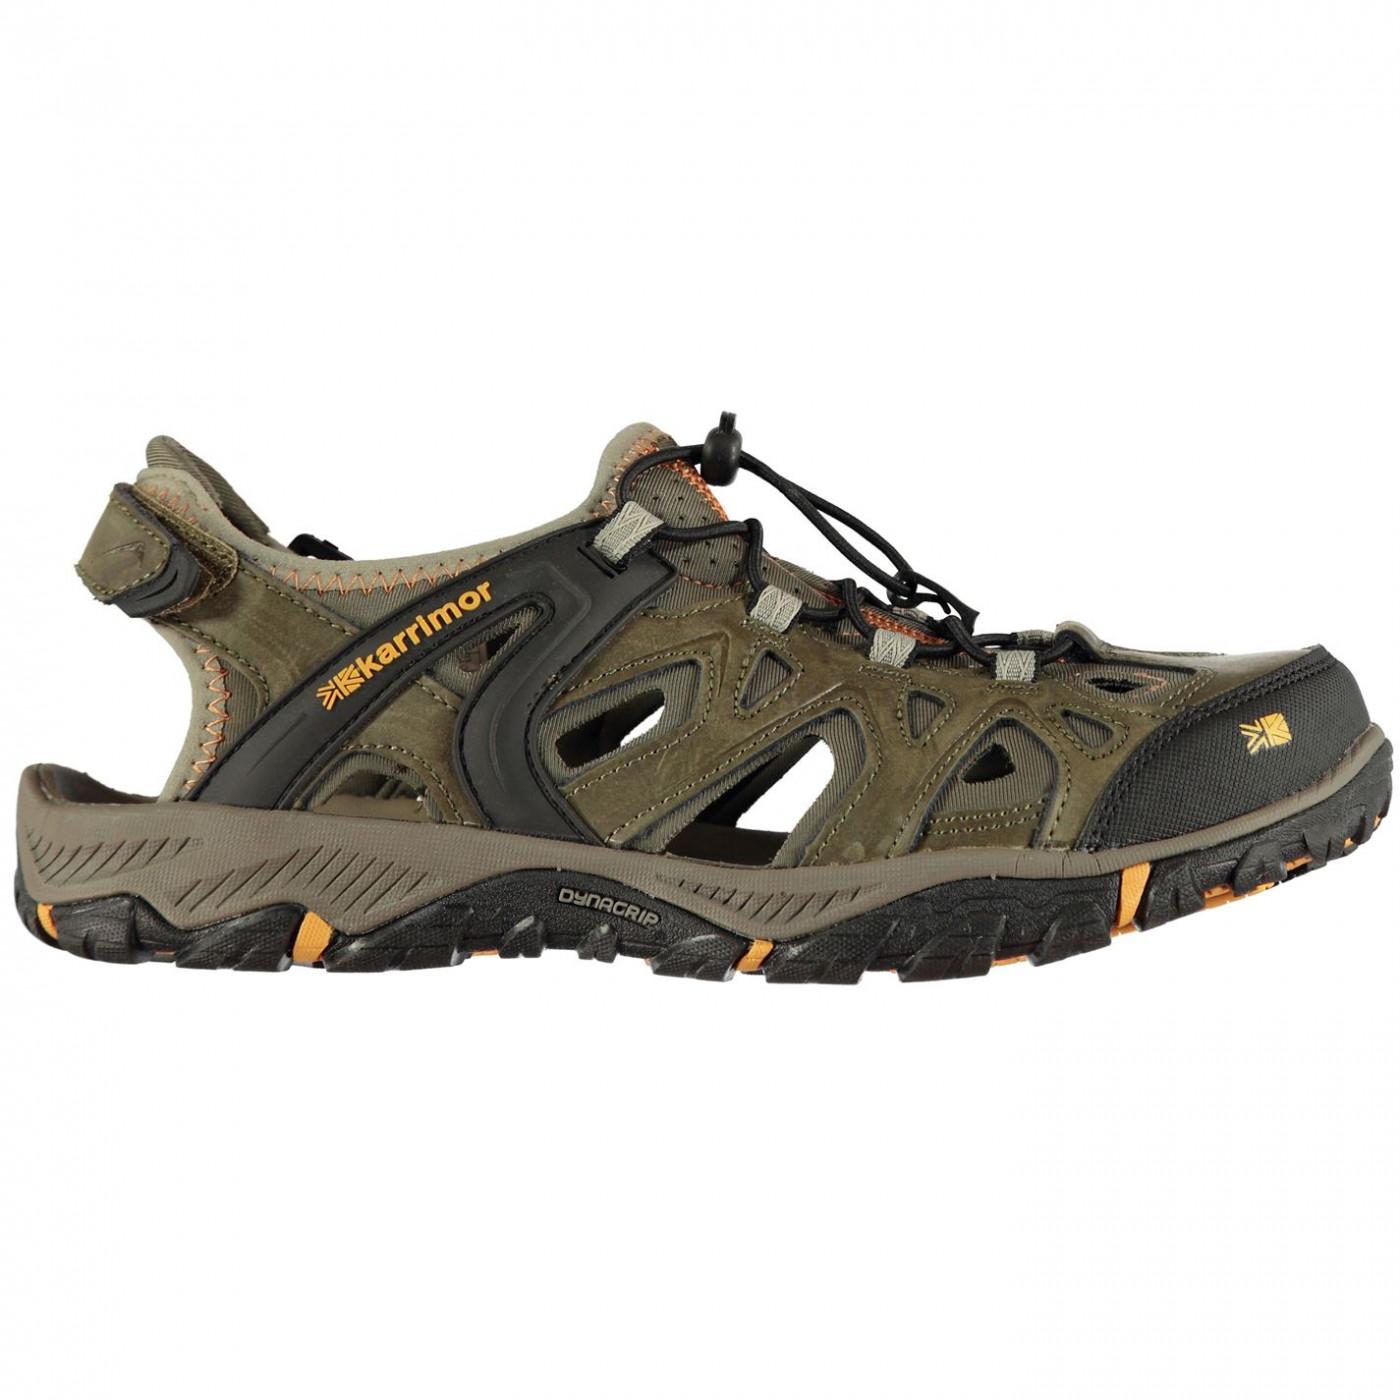 Karrimor Sydney Mens Sandals